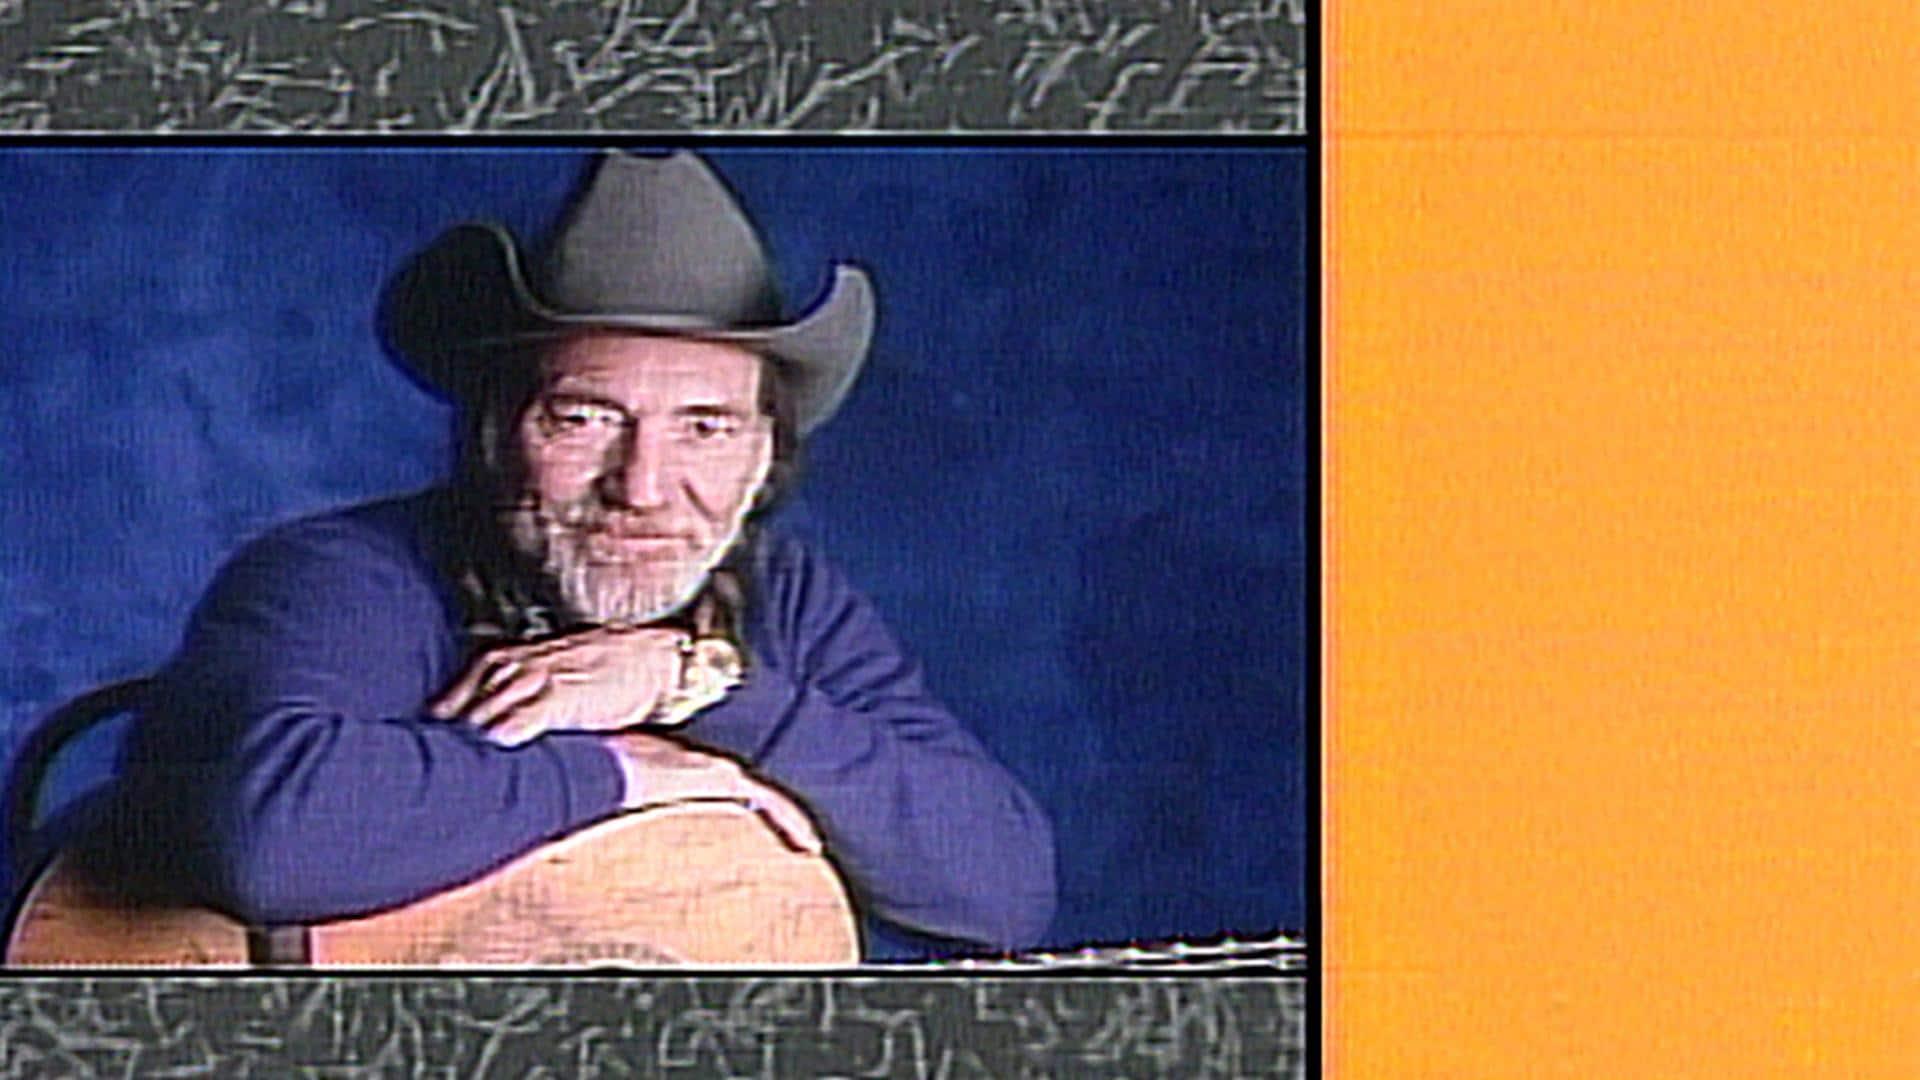 Willie Nelson: February 21, 1987